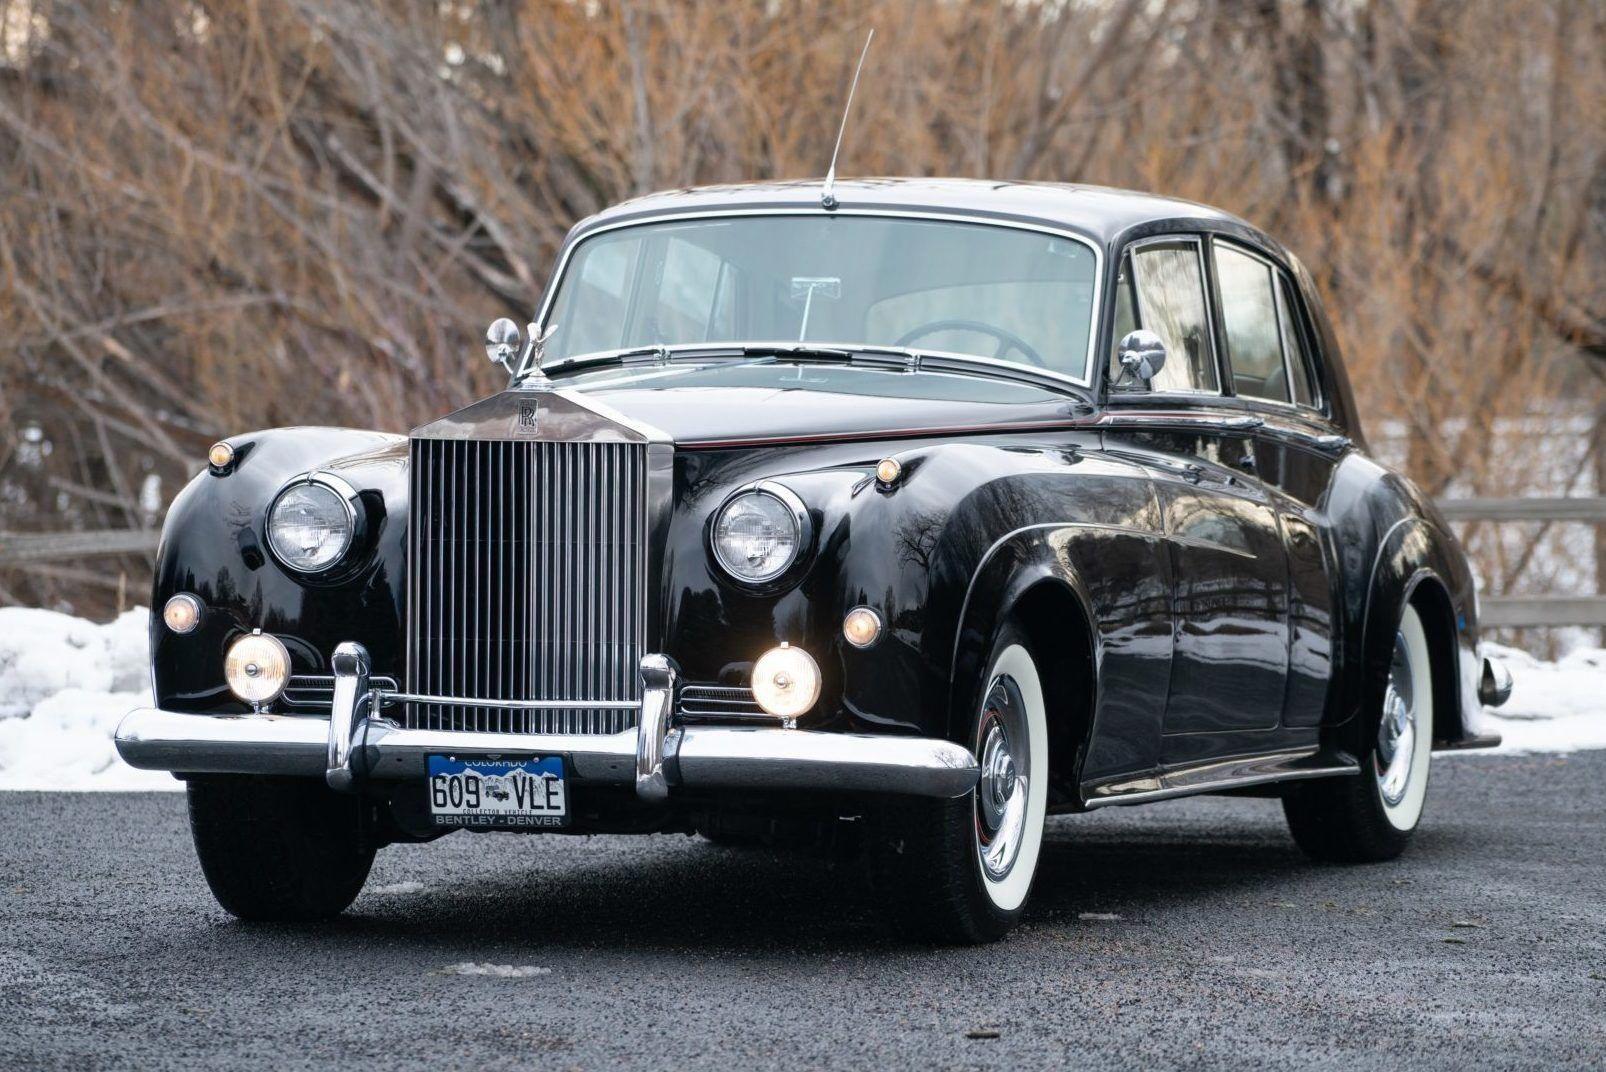 1958 Rolls Royce Silver Cloud Sedan Rolls Royce Silver Cloud